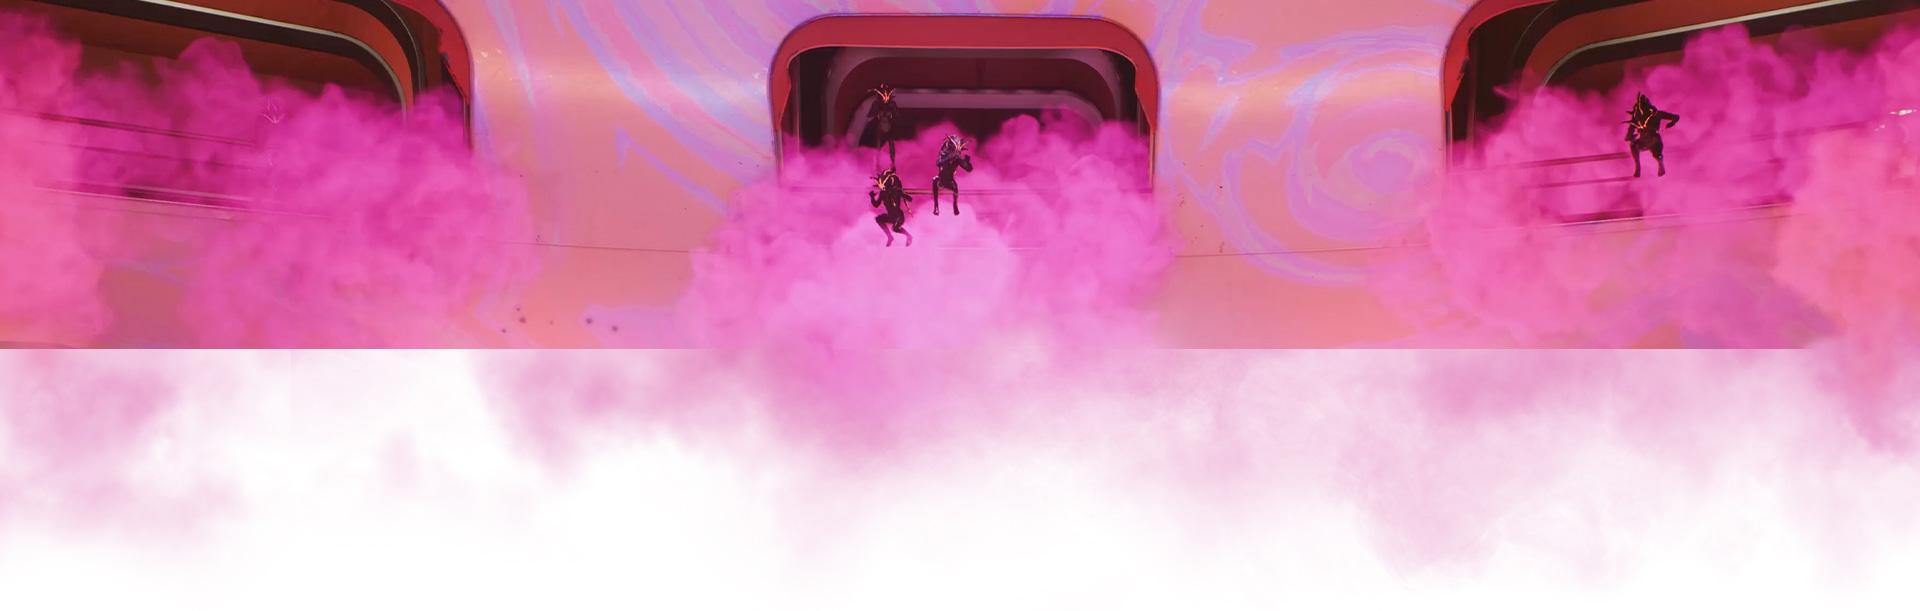 Eine Crew springt aus einem Schiff, das von rosa Rauch umgeben ist.